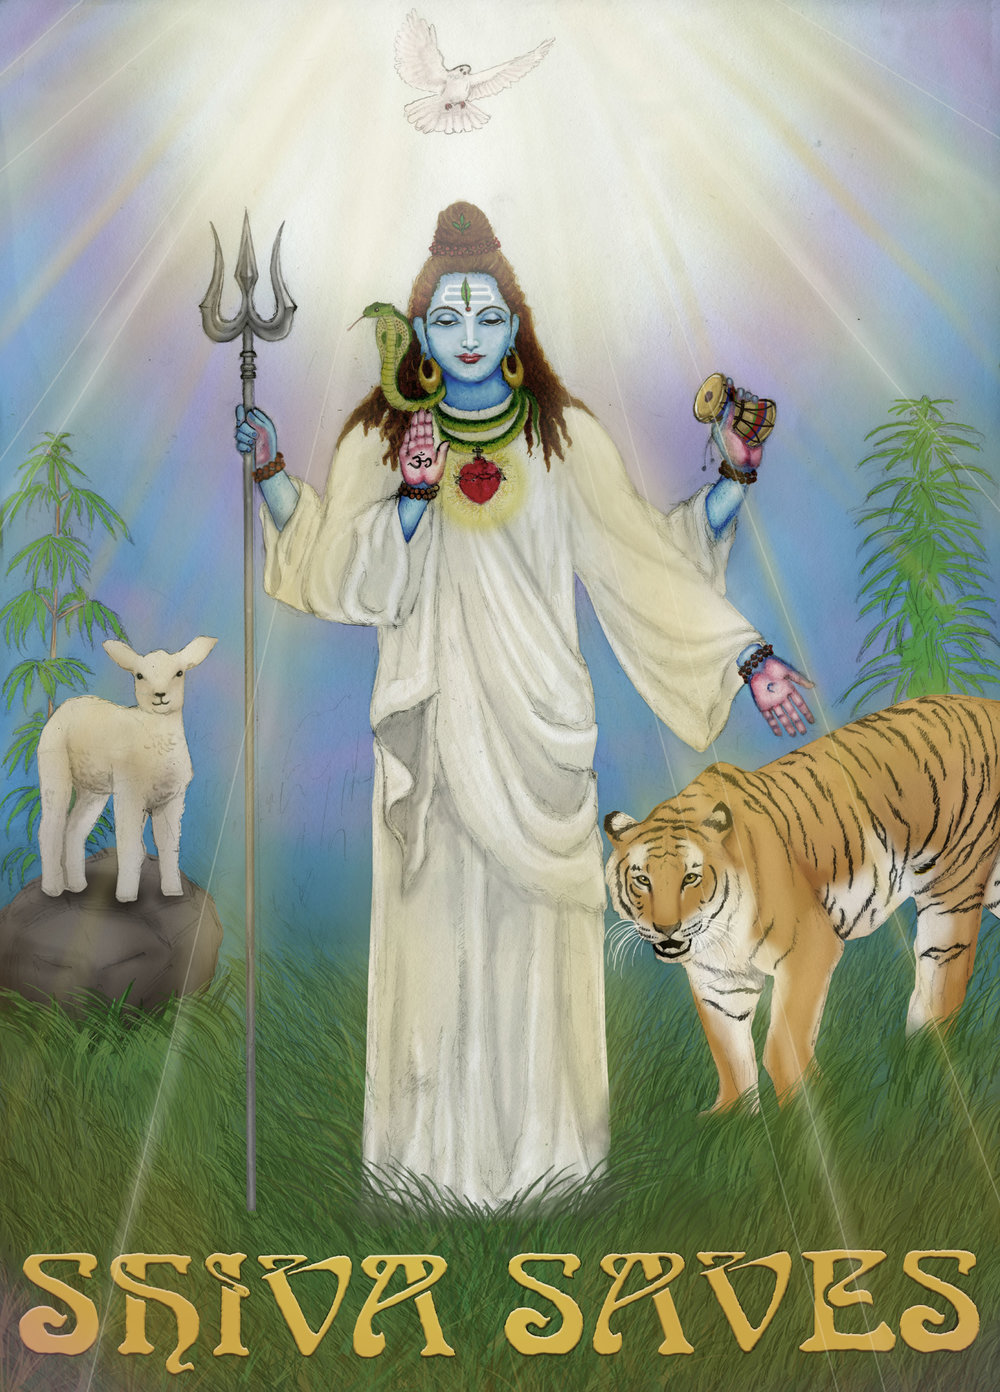 ShivaSaves.jpg